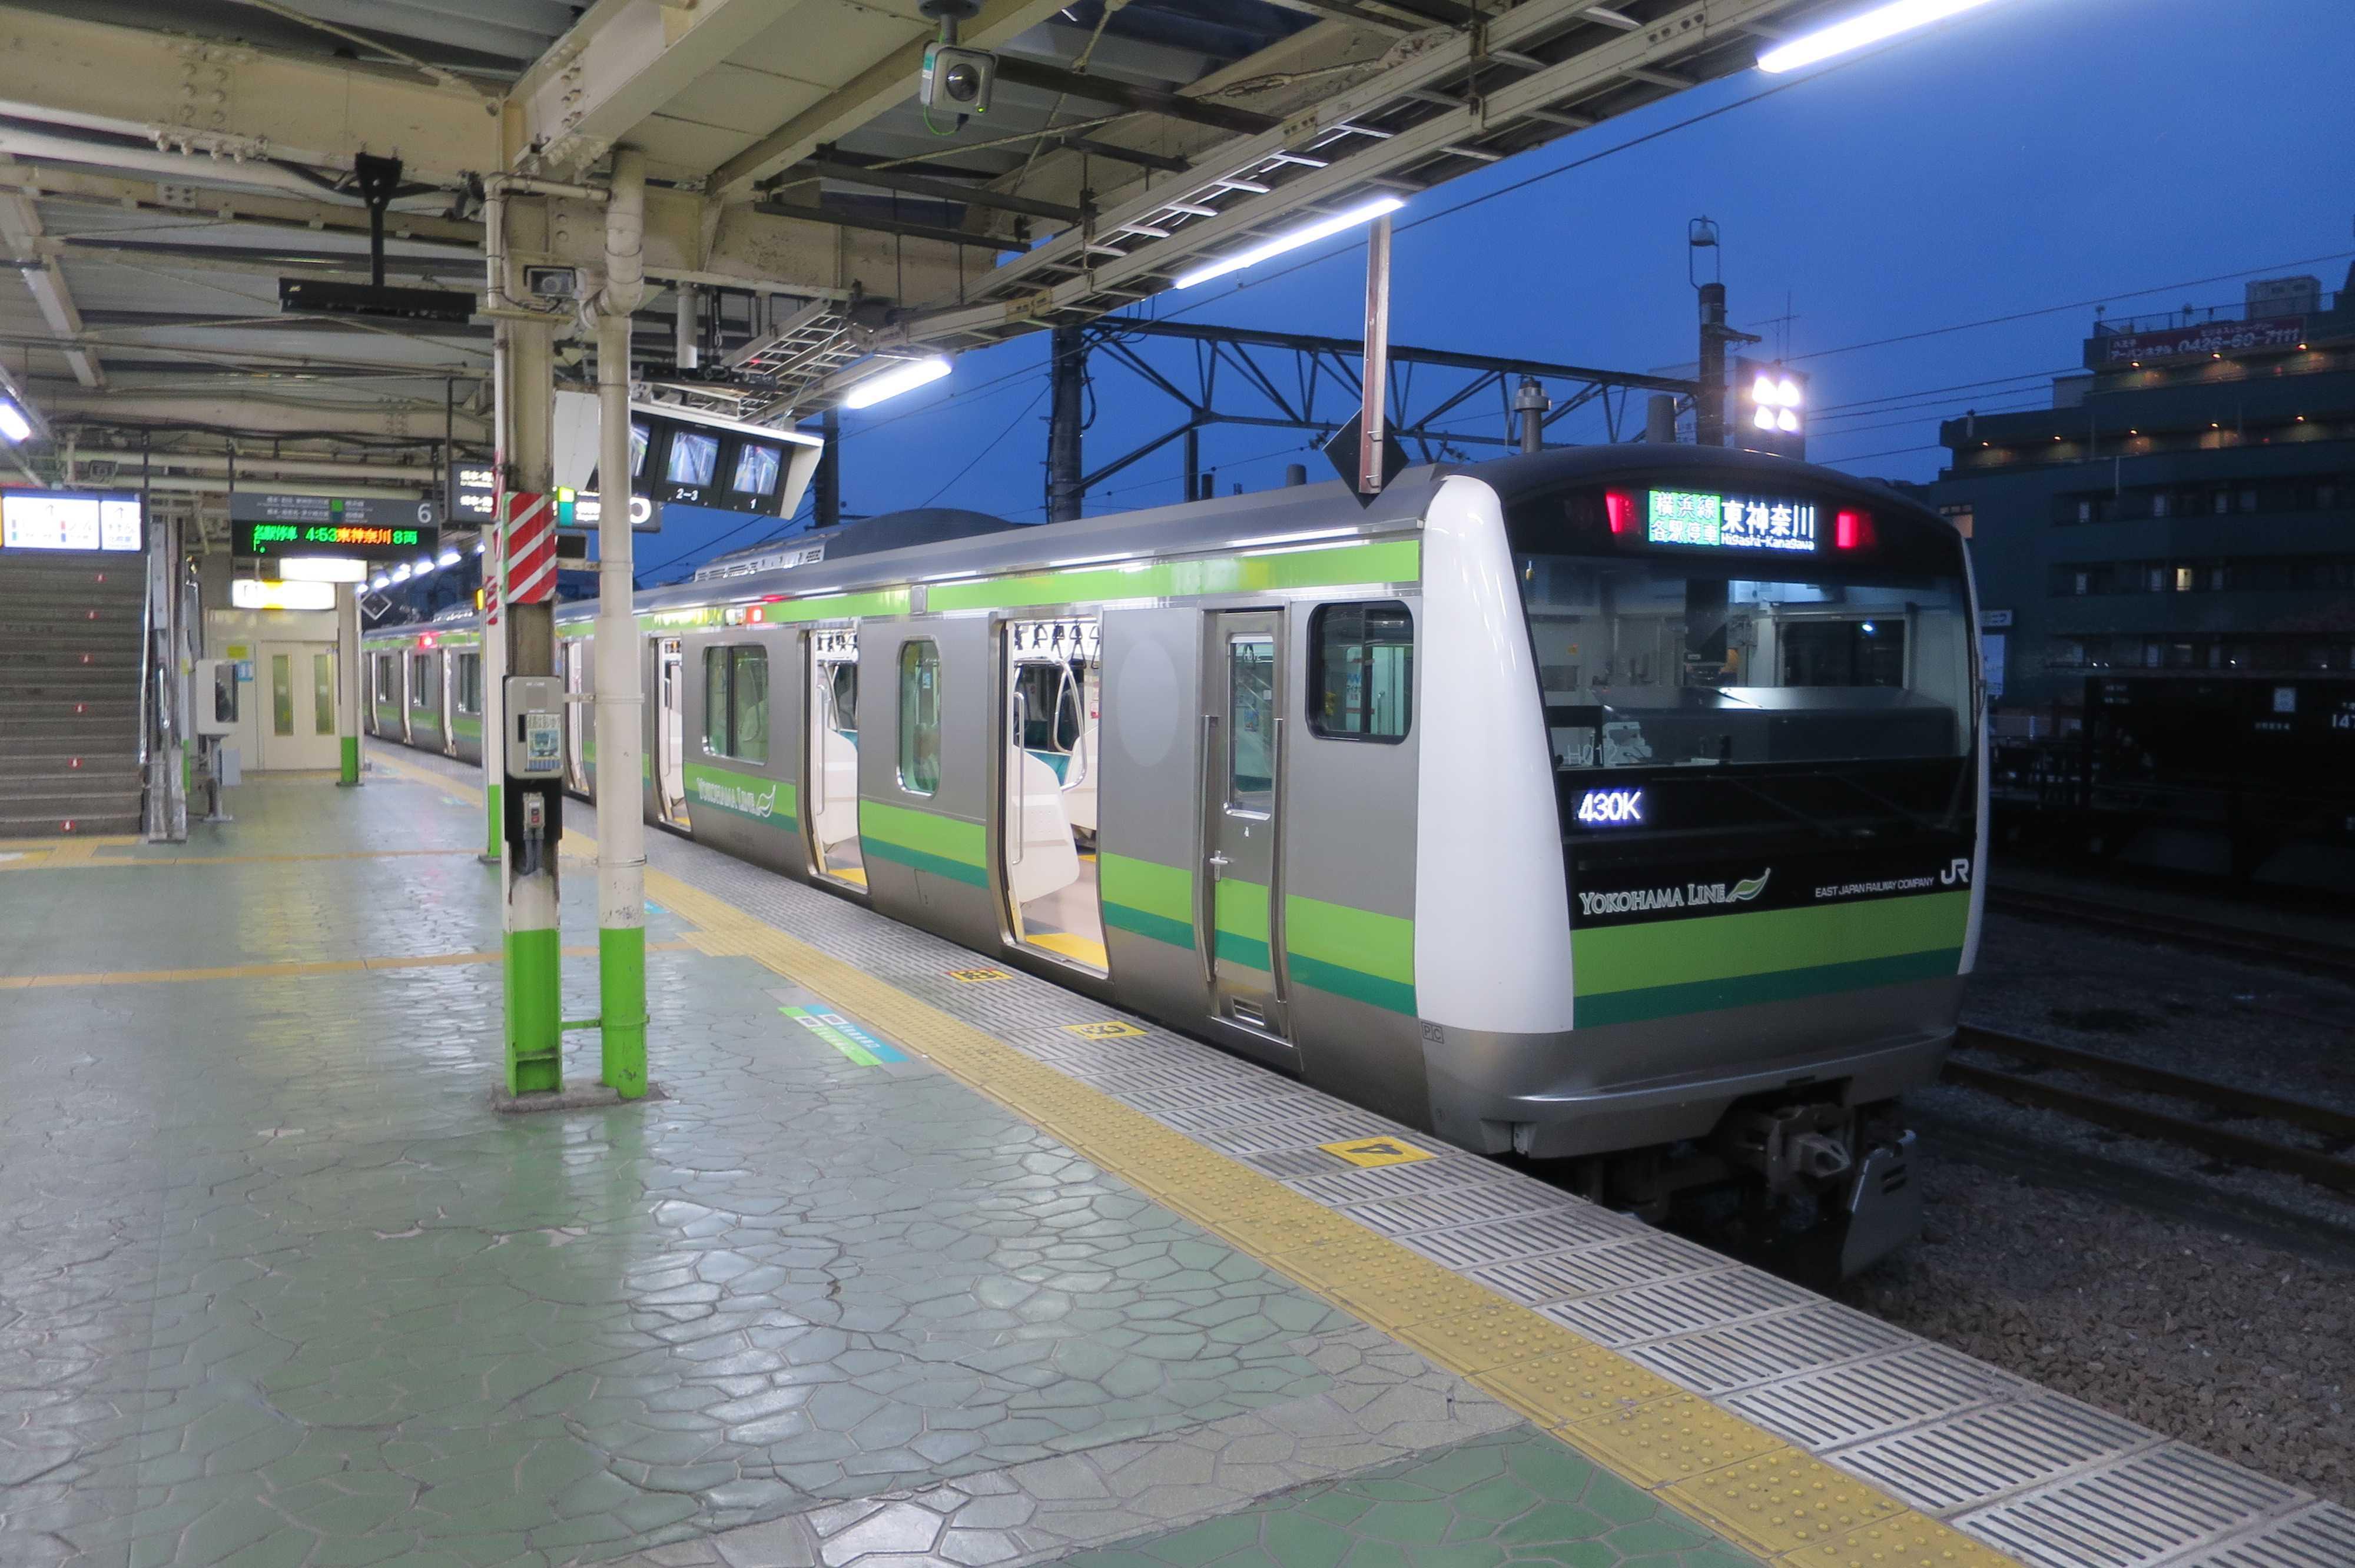 JR八王子駅 4時53分発 横浜線